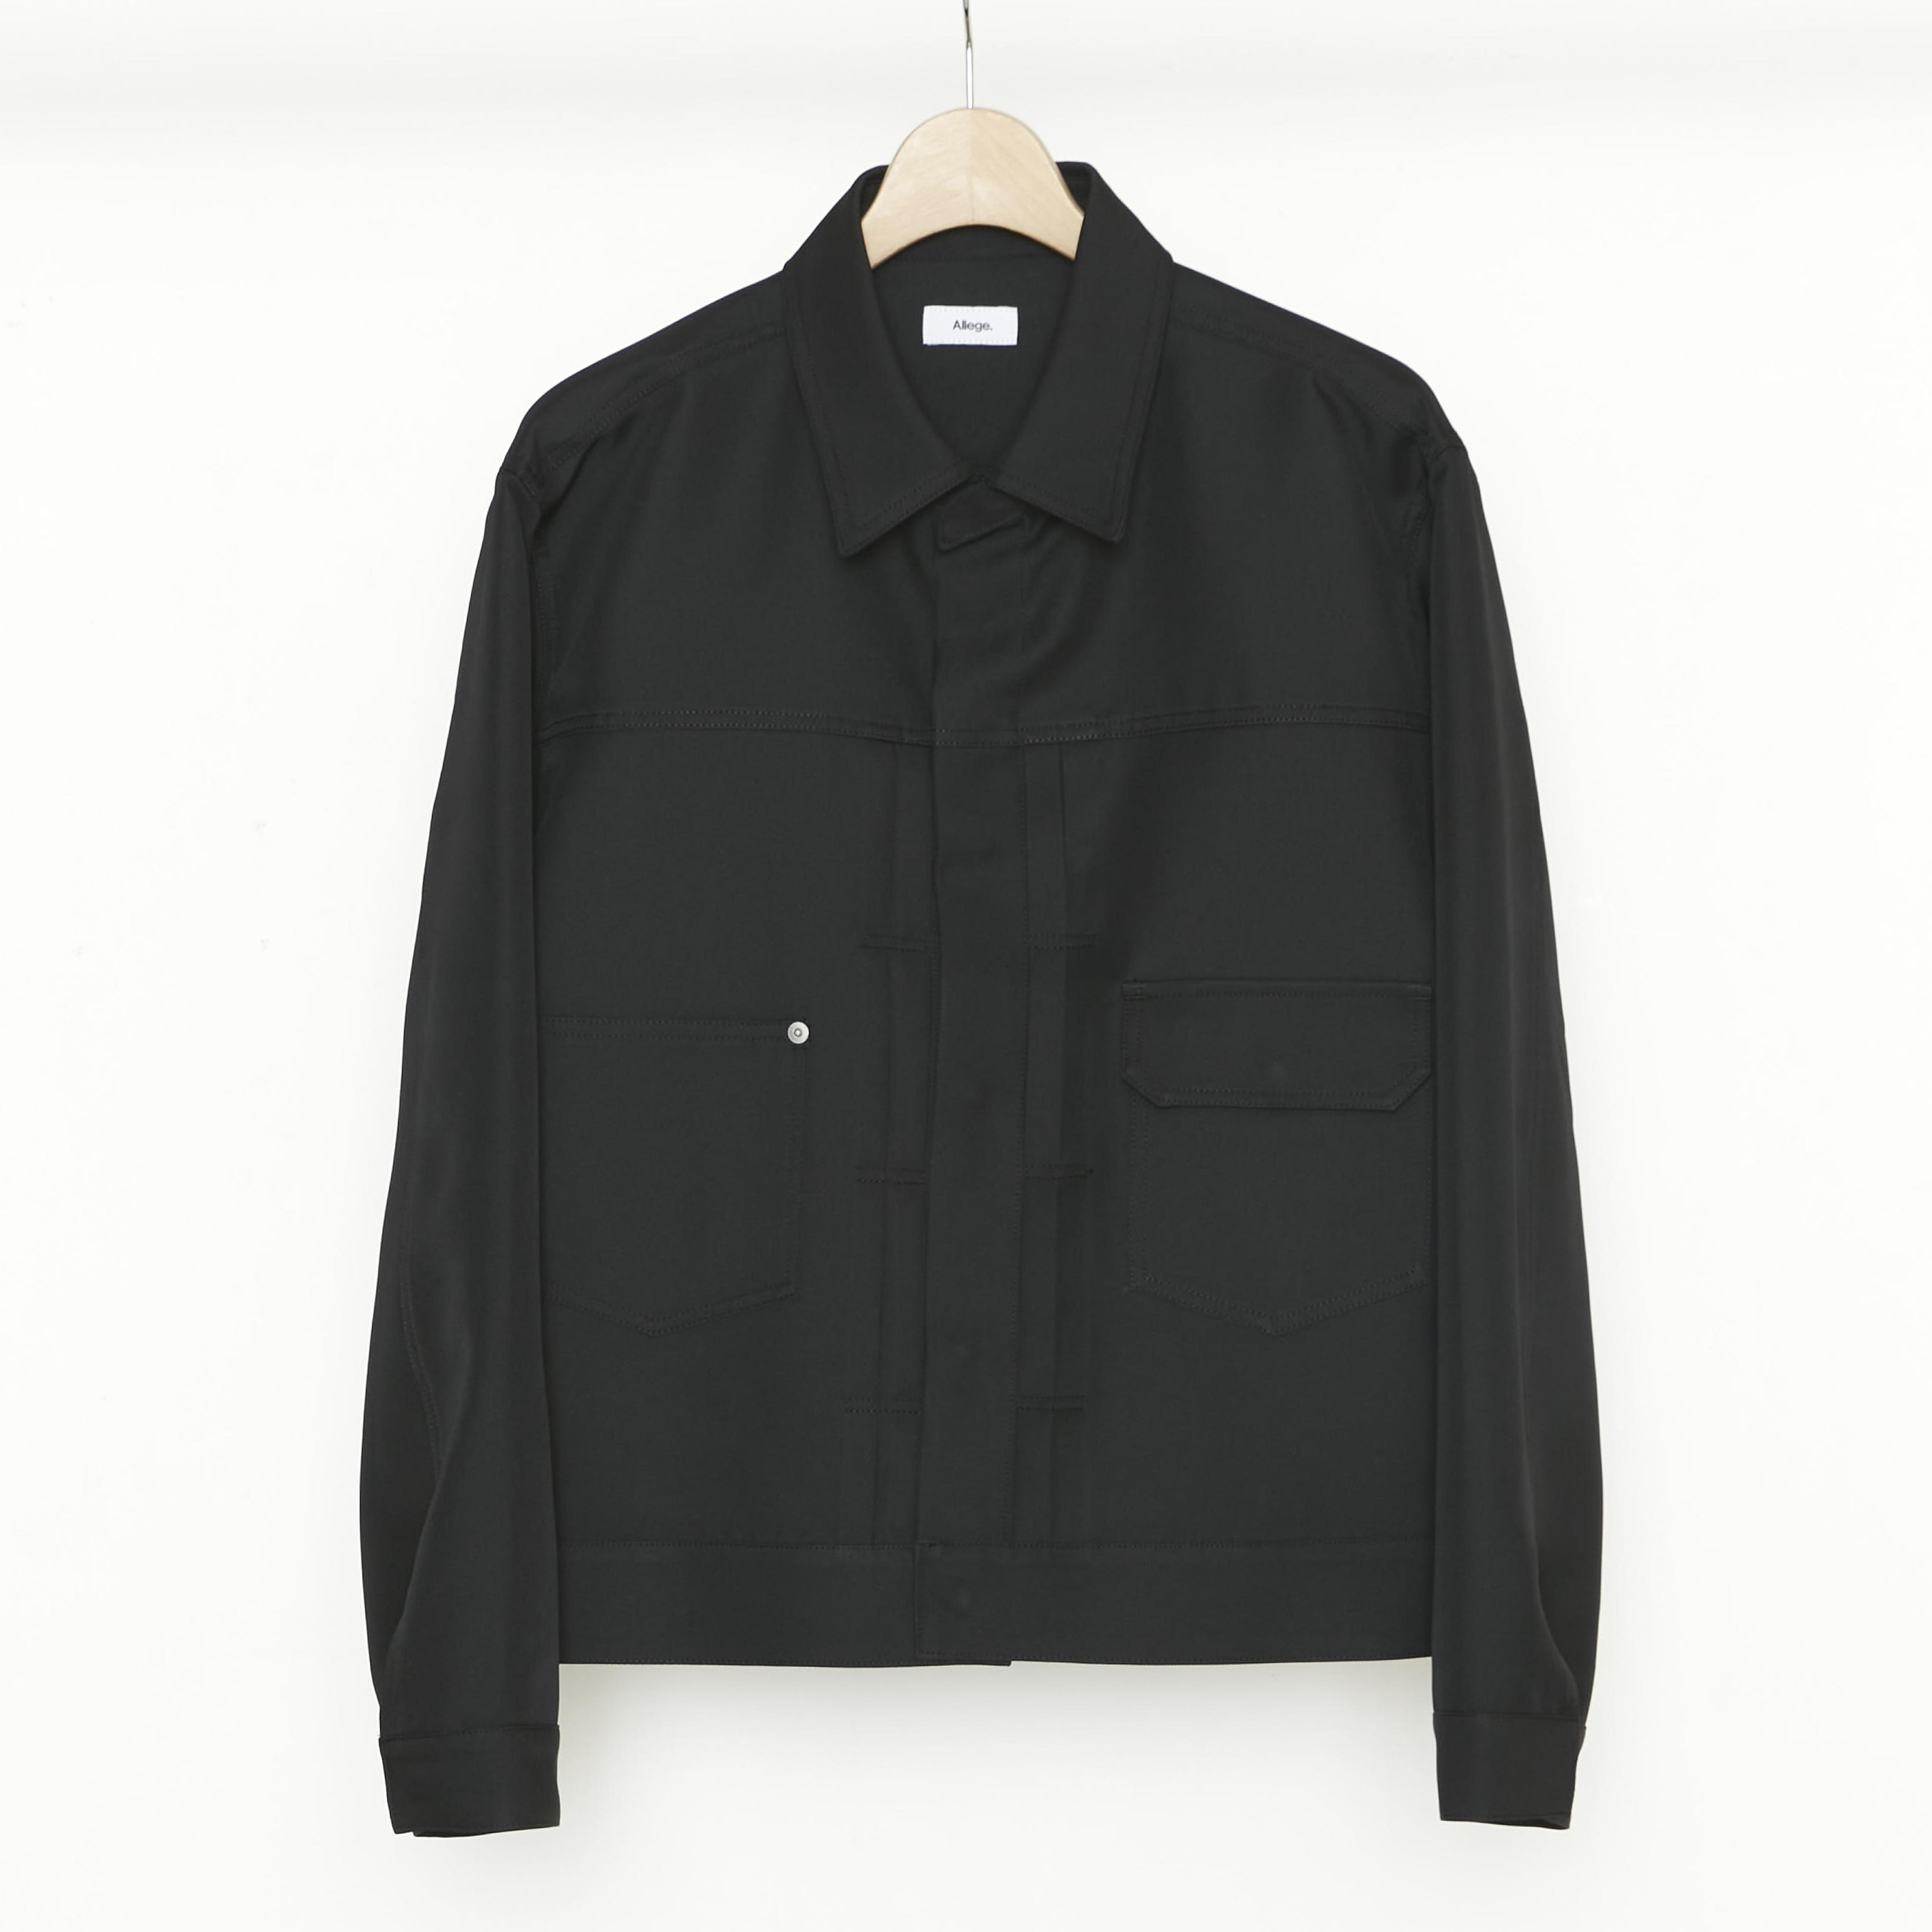 STA-PREST Jacket